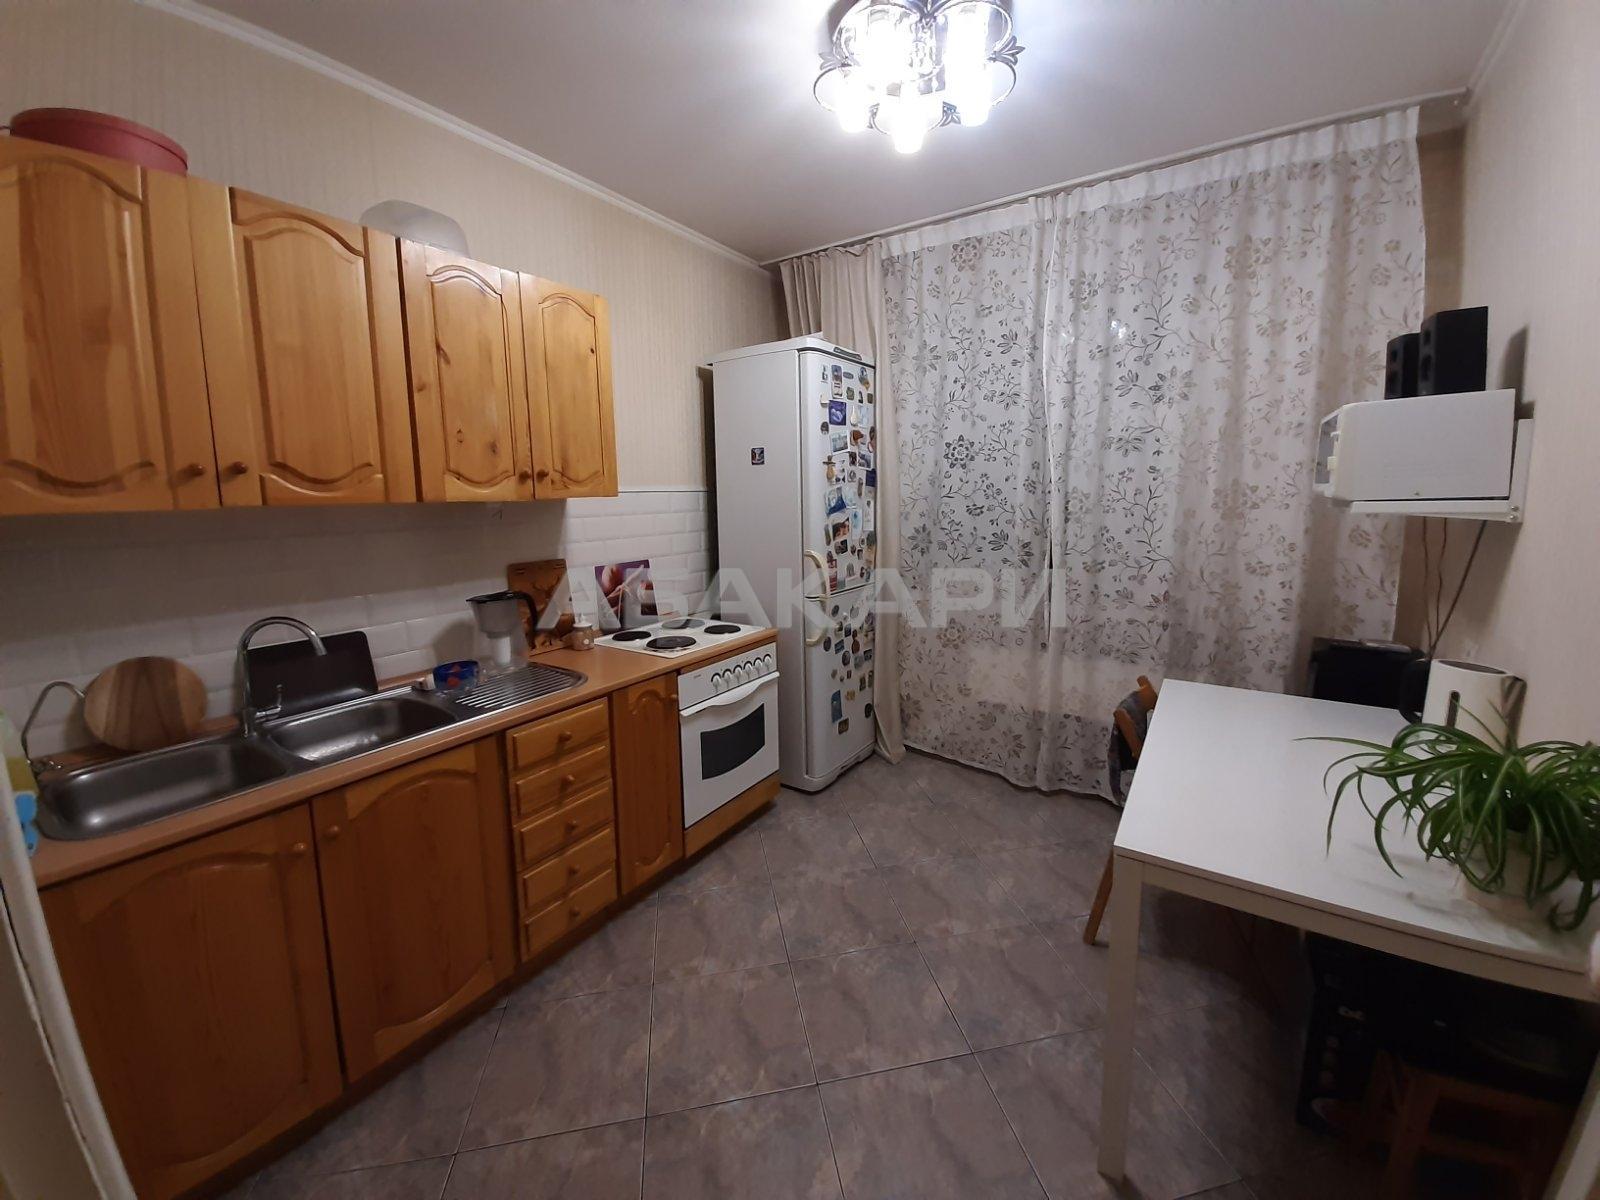 2к квартира улица Академгородок, 18 3/9 - 52кв | 19000 | аренда в Красноярске фото 3